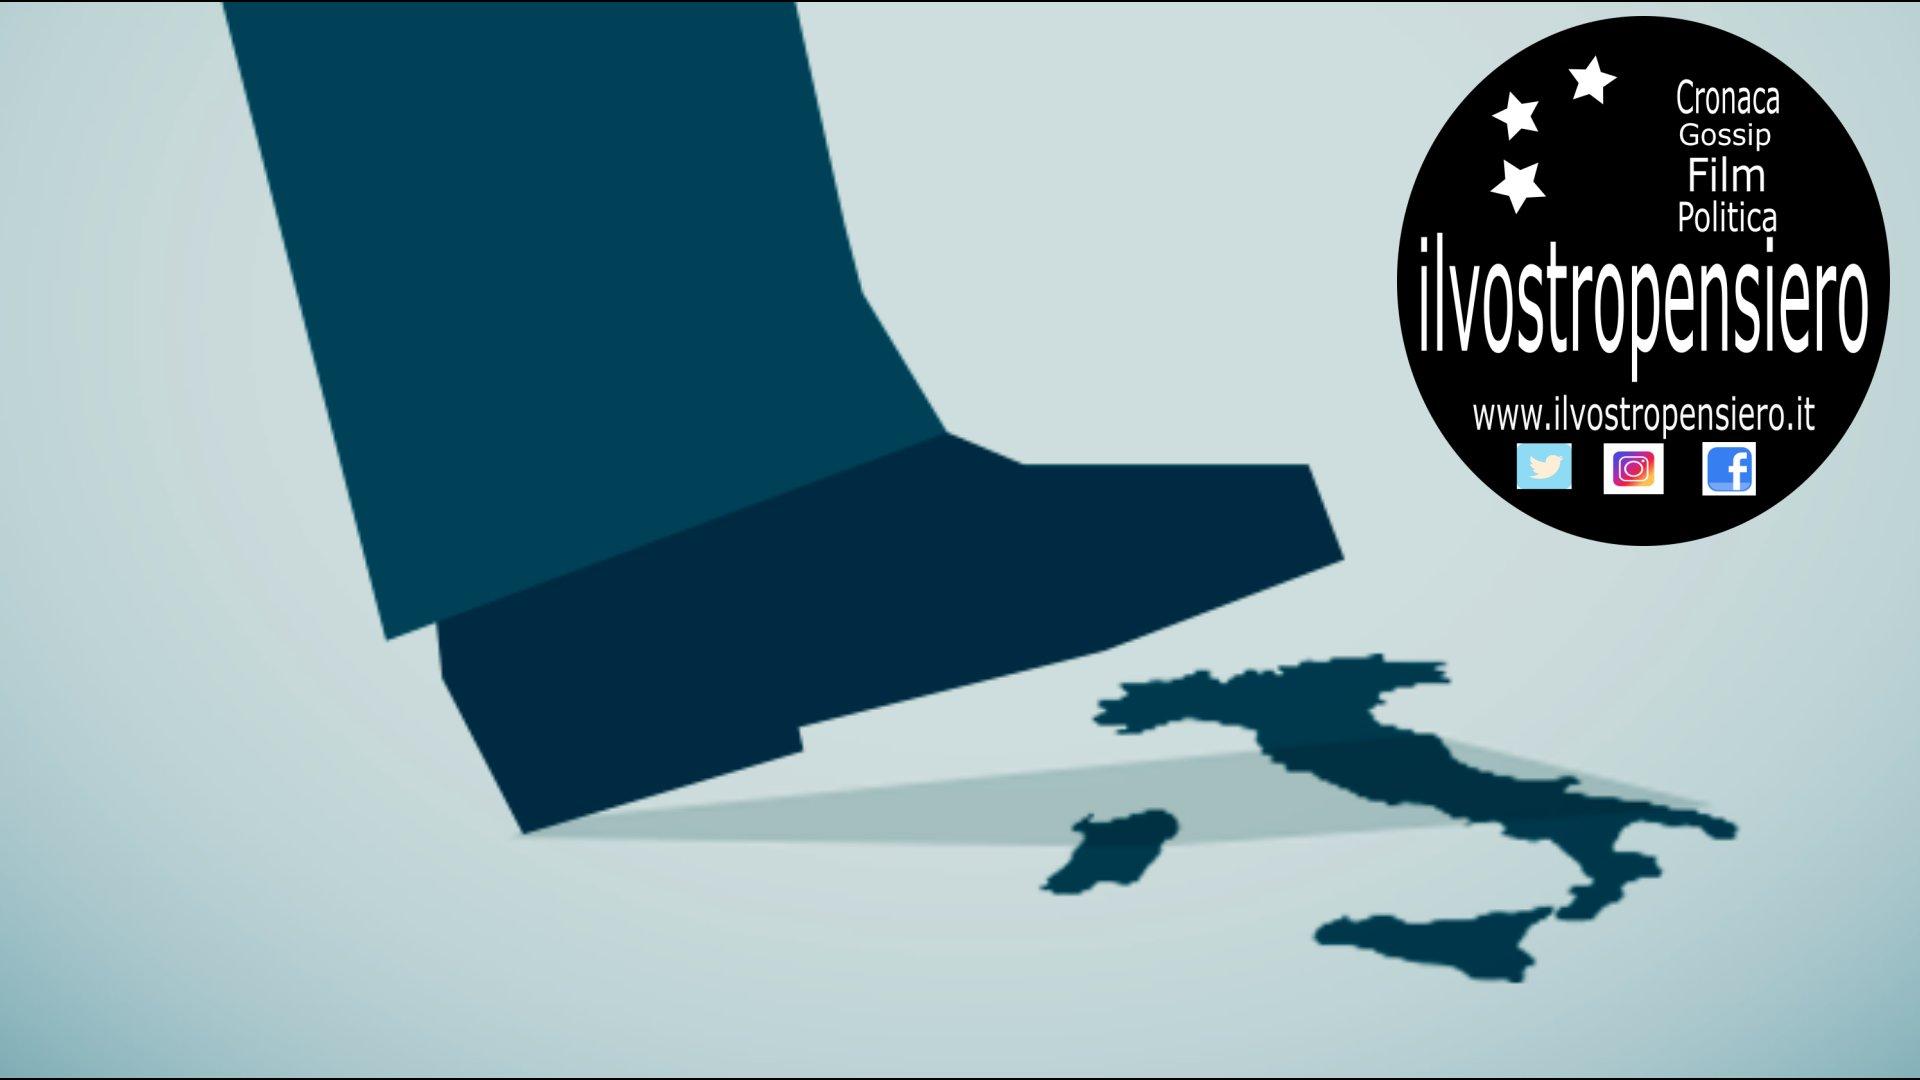 M5s: Il folle piano dei falchi Ue,tagliare i fondi europei a chi non si piega all'austerity